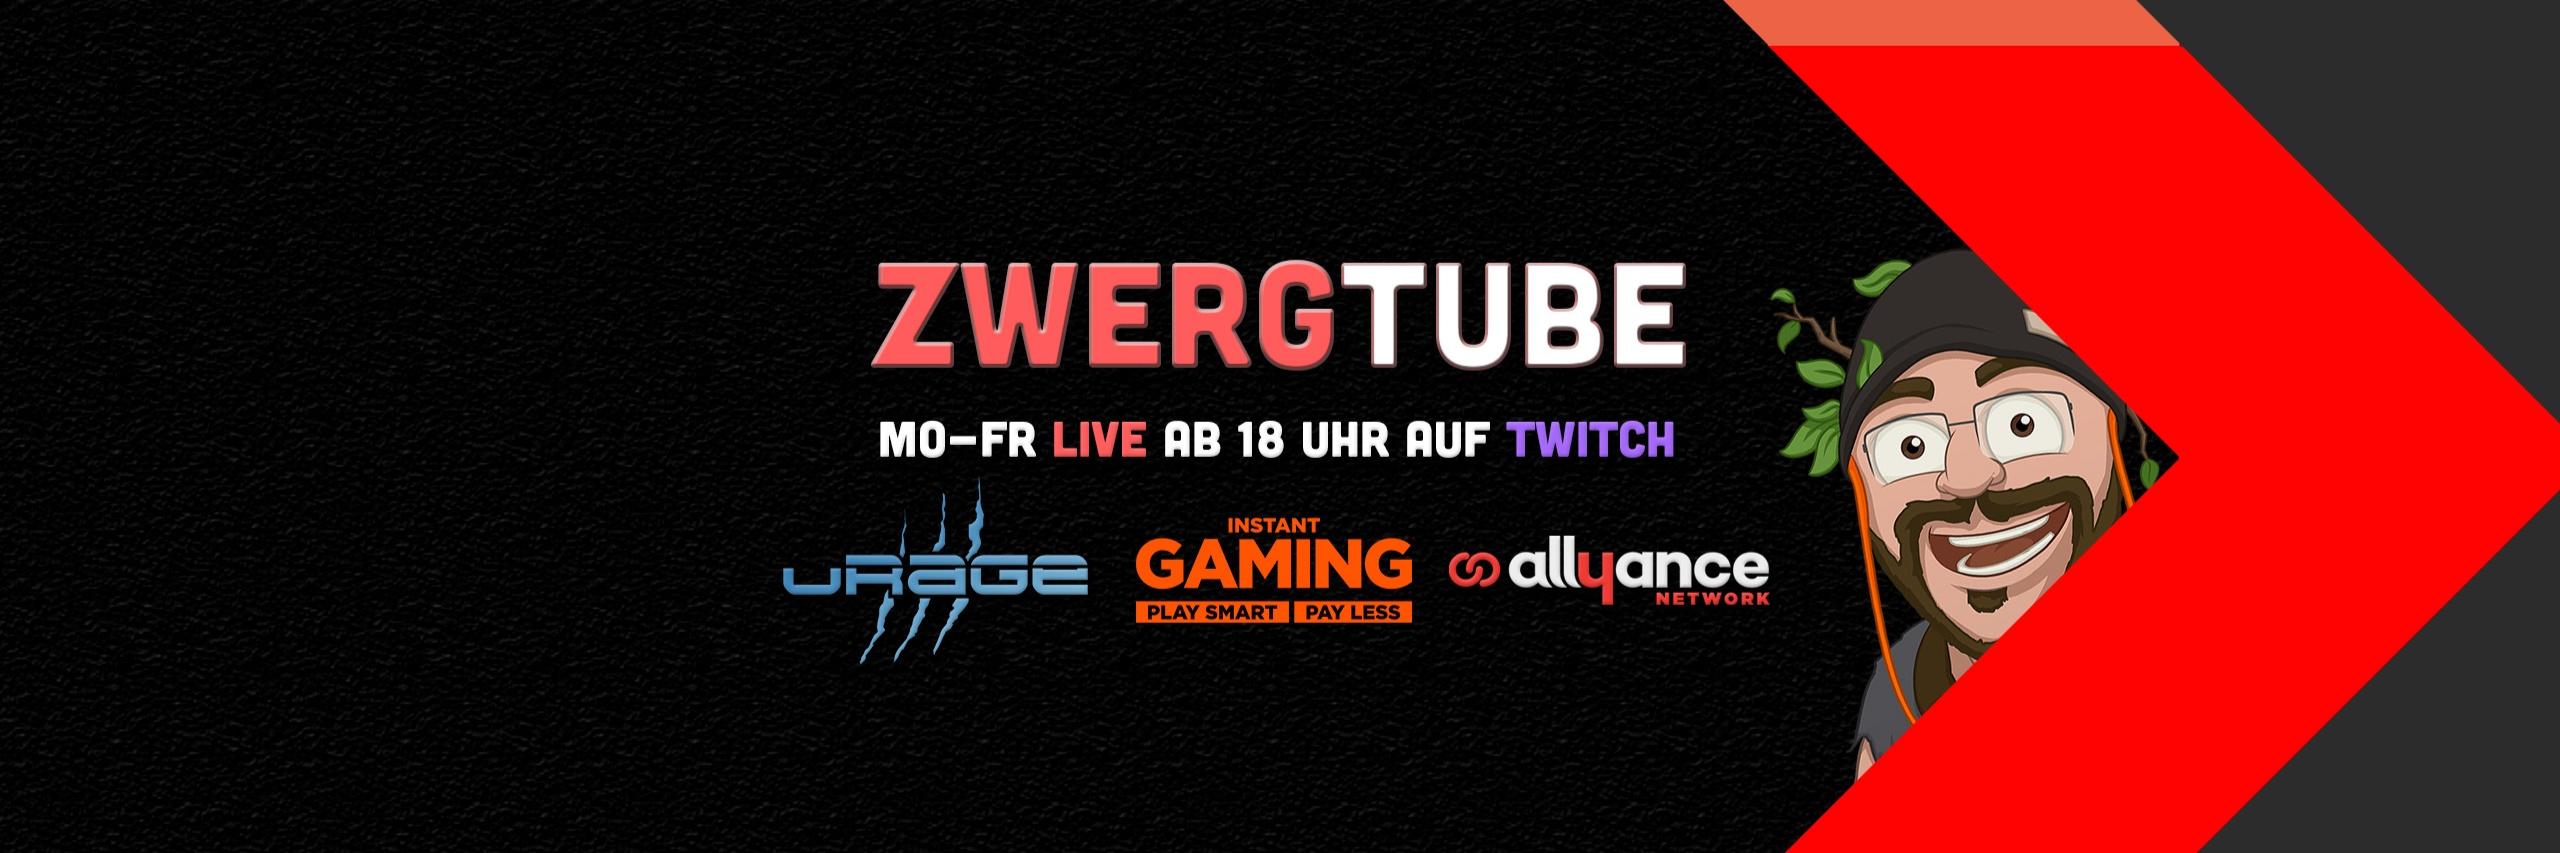 ZwergTube Shop -